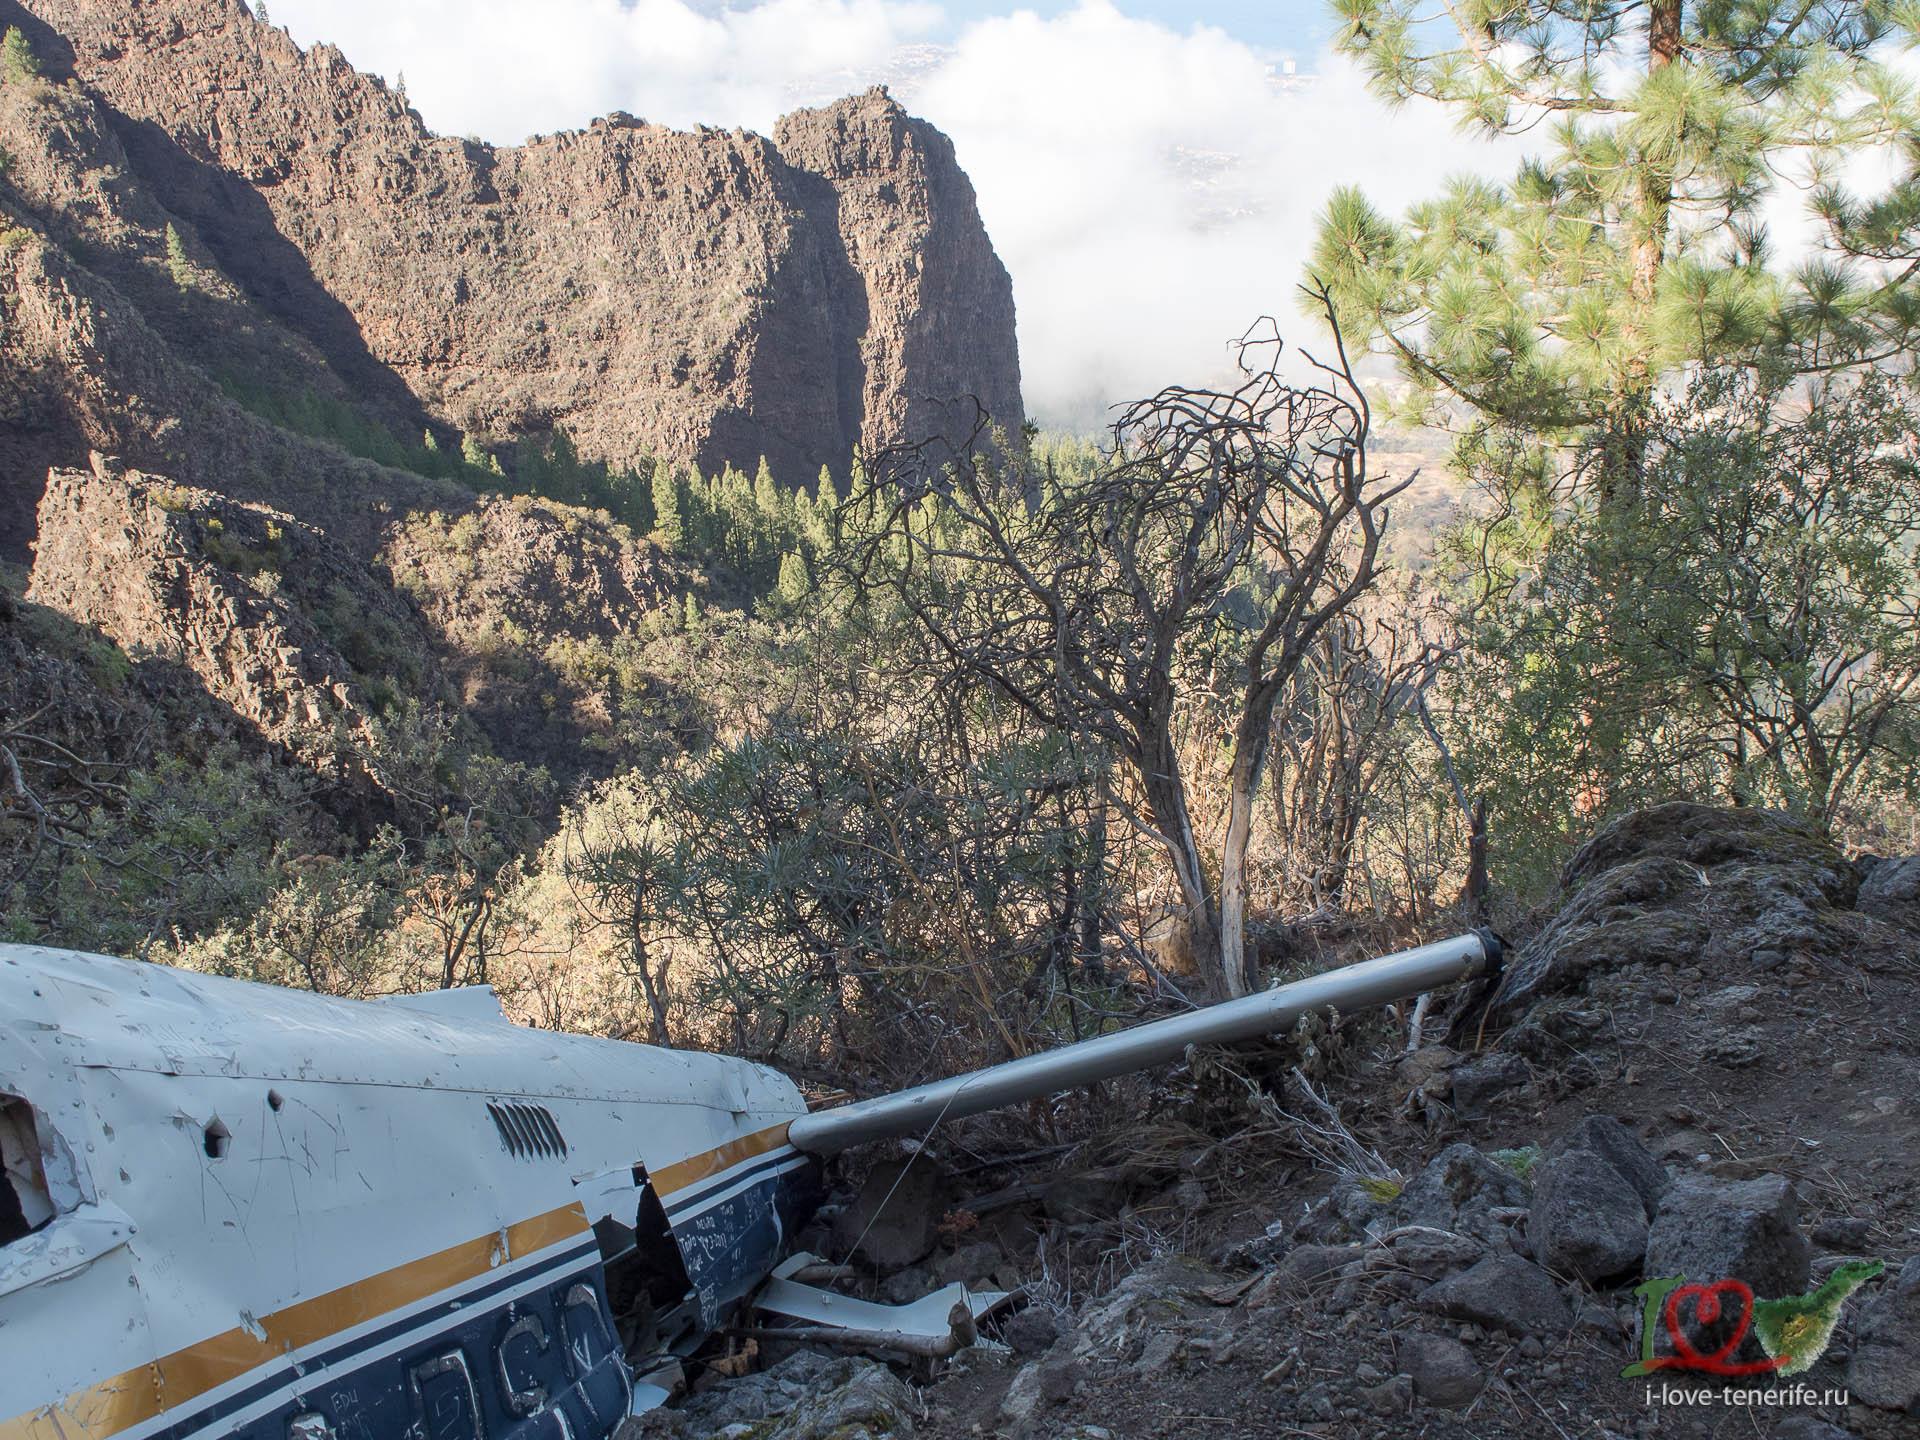 Упавший самолет в горах Тенрифе